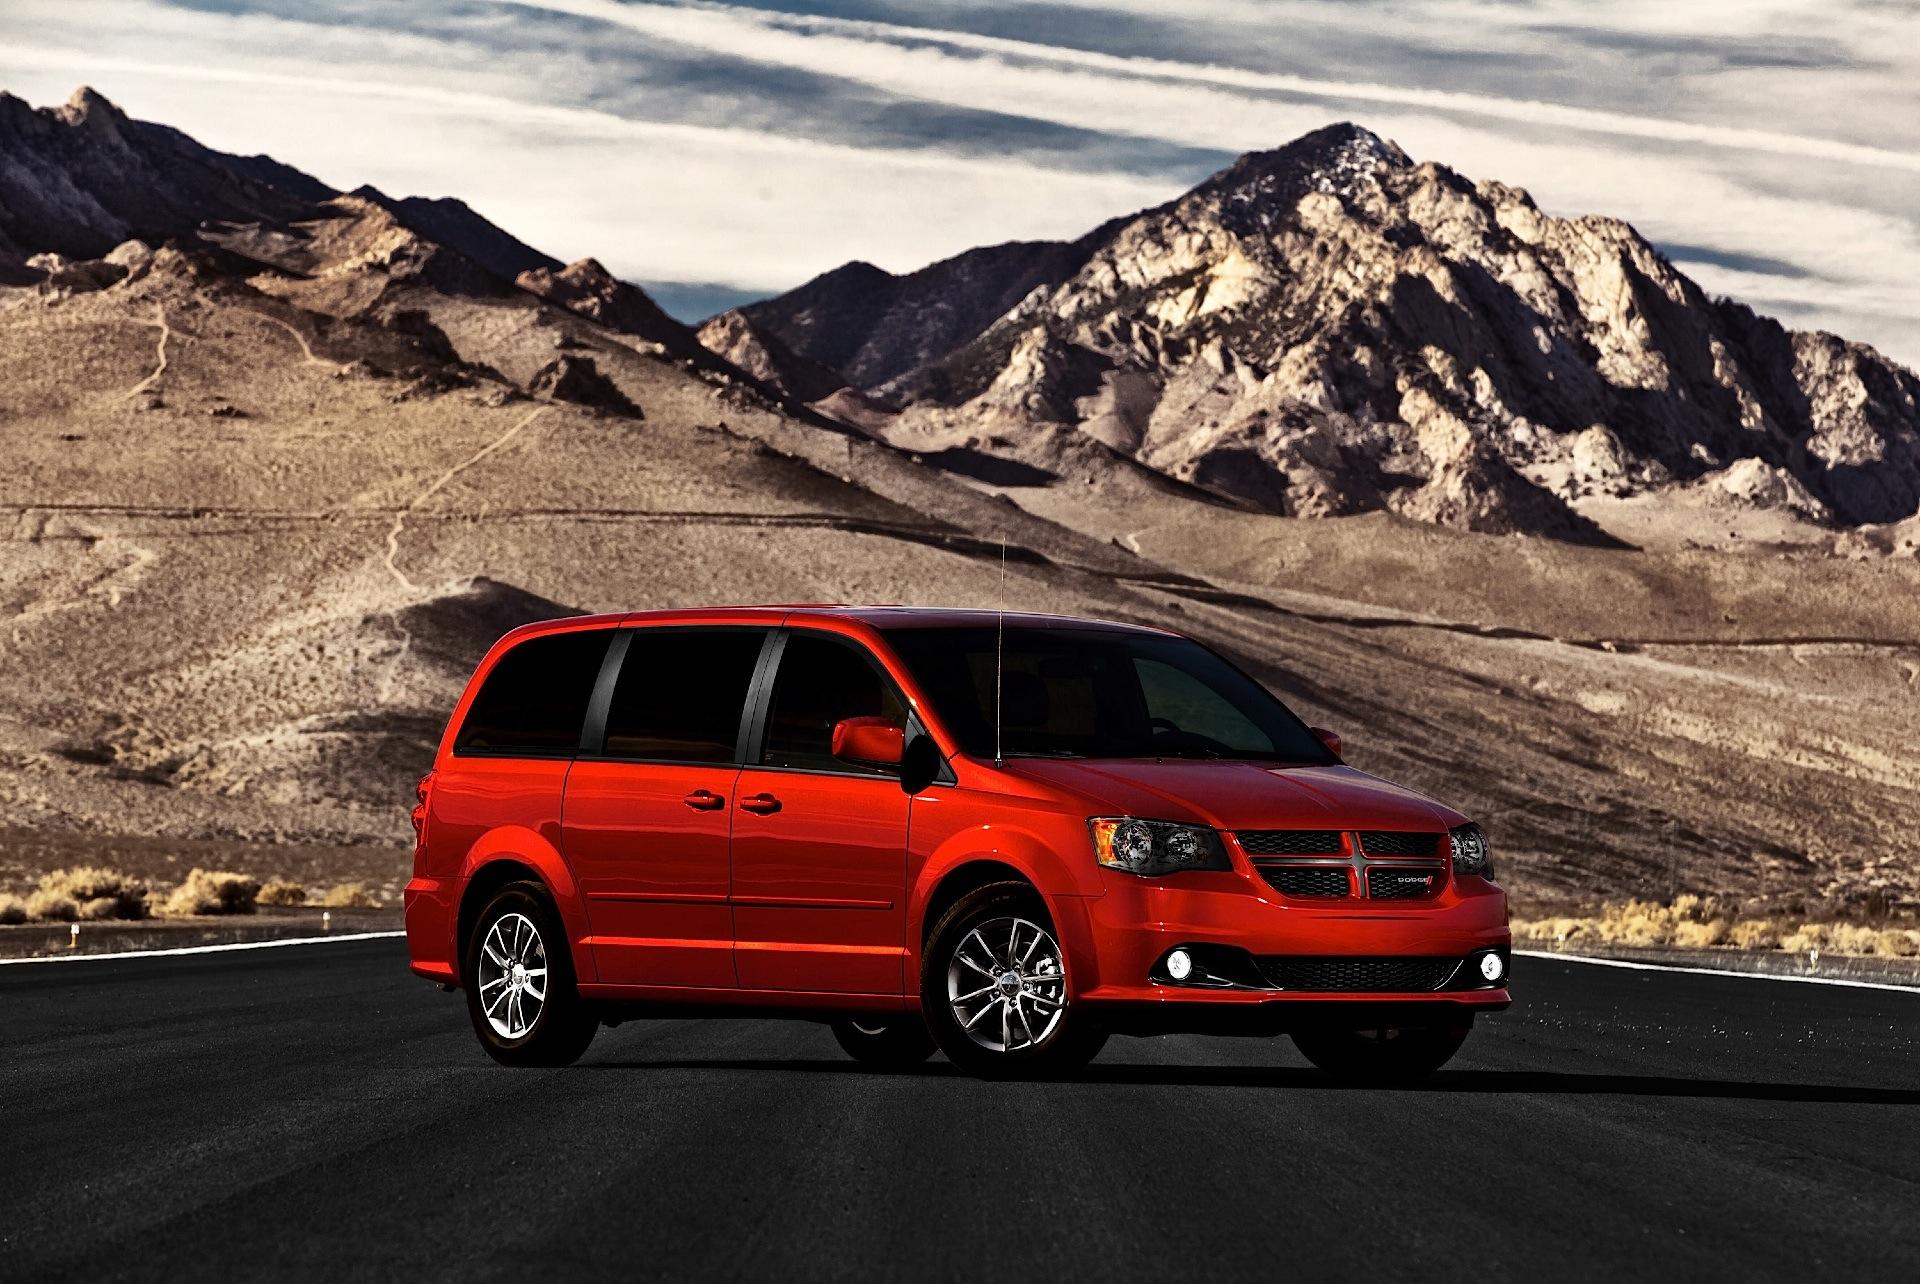 Dodge Grand Caravan Seating >> DODGE Grand Caravan - 2008, 2009, 2010, 2011, 2012, 2013 ...